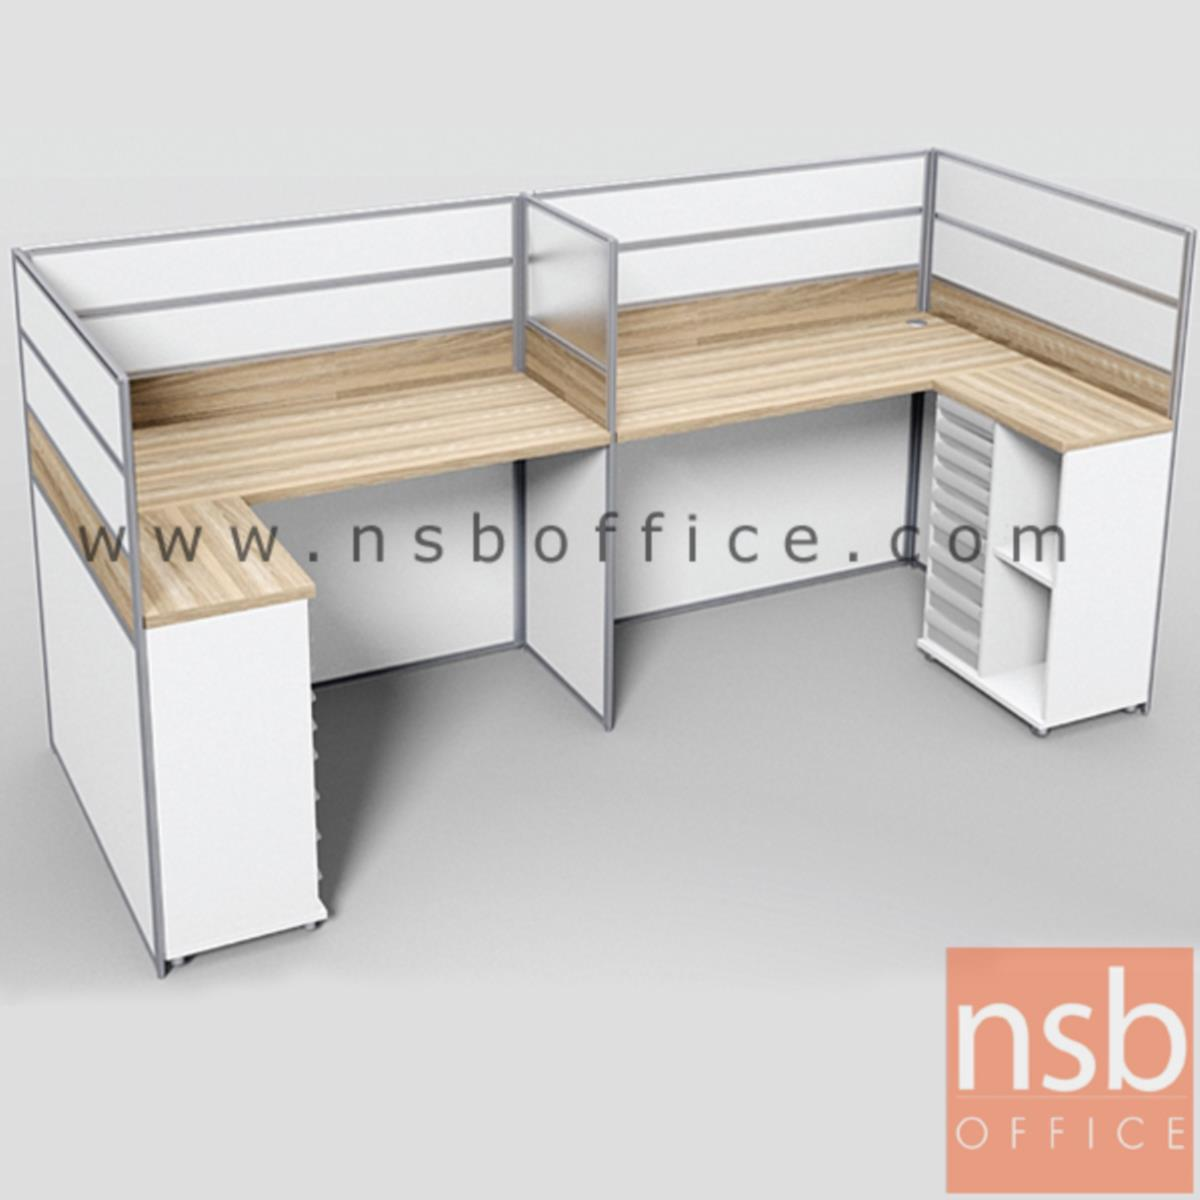 A04A173:ชุดโต๊ะทำงานกลุ่มตัวแอล 2 ที่นั่ง   ขนาดรวม 306W1*122W2 cm. พร้อมตู้ข้างเอกสาร